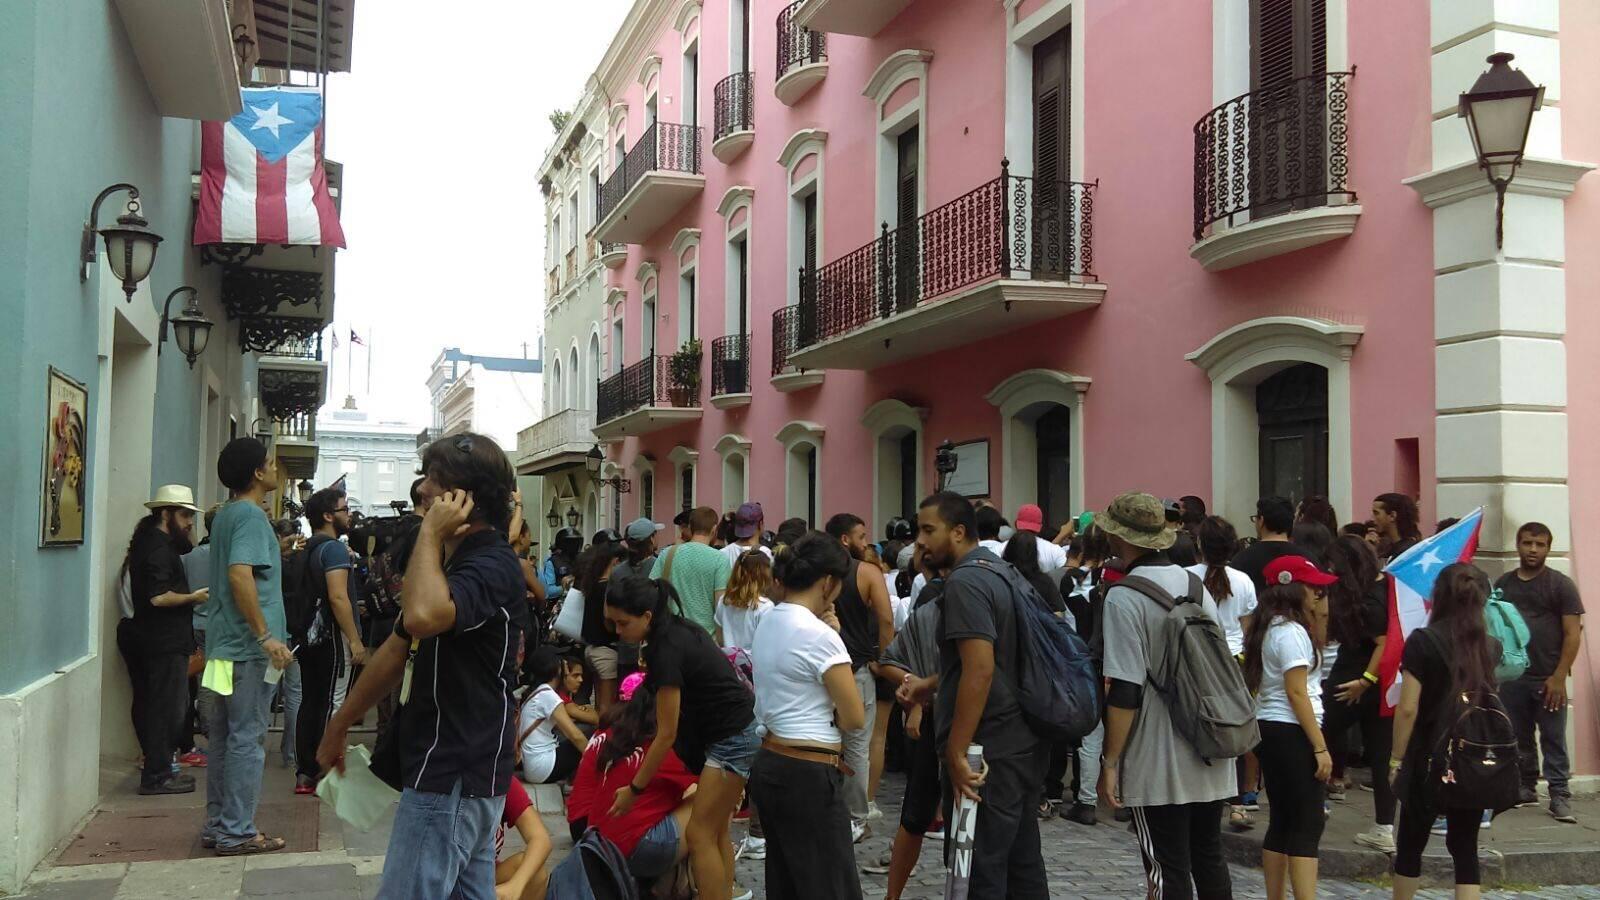 Estudiantes de la UPR protestaron hoy frente a La Fortaleza en el Viejo San Juan. / Foto: Metro Puerto Rico